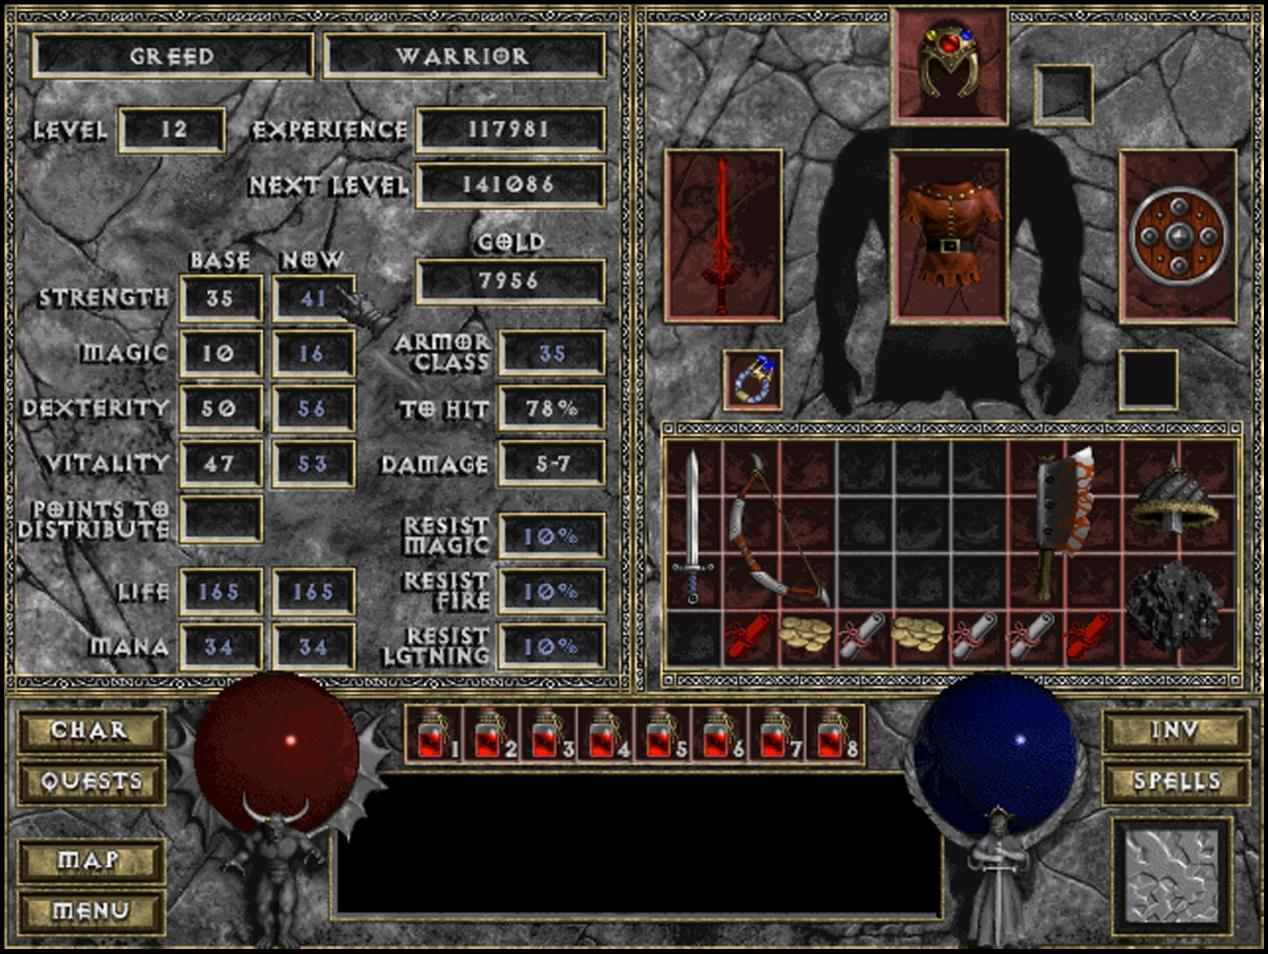 ДЬЯВОЛЬСКАЯ НОСТАЛЬГИЯ | Обзор игры Diablo. - Изображение 6